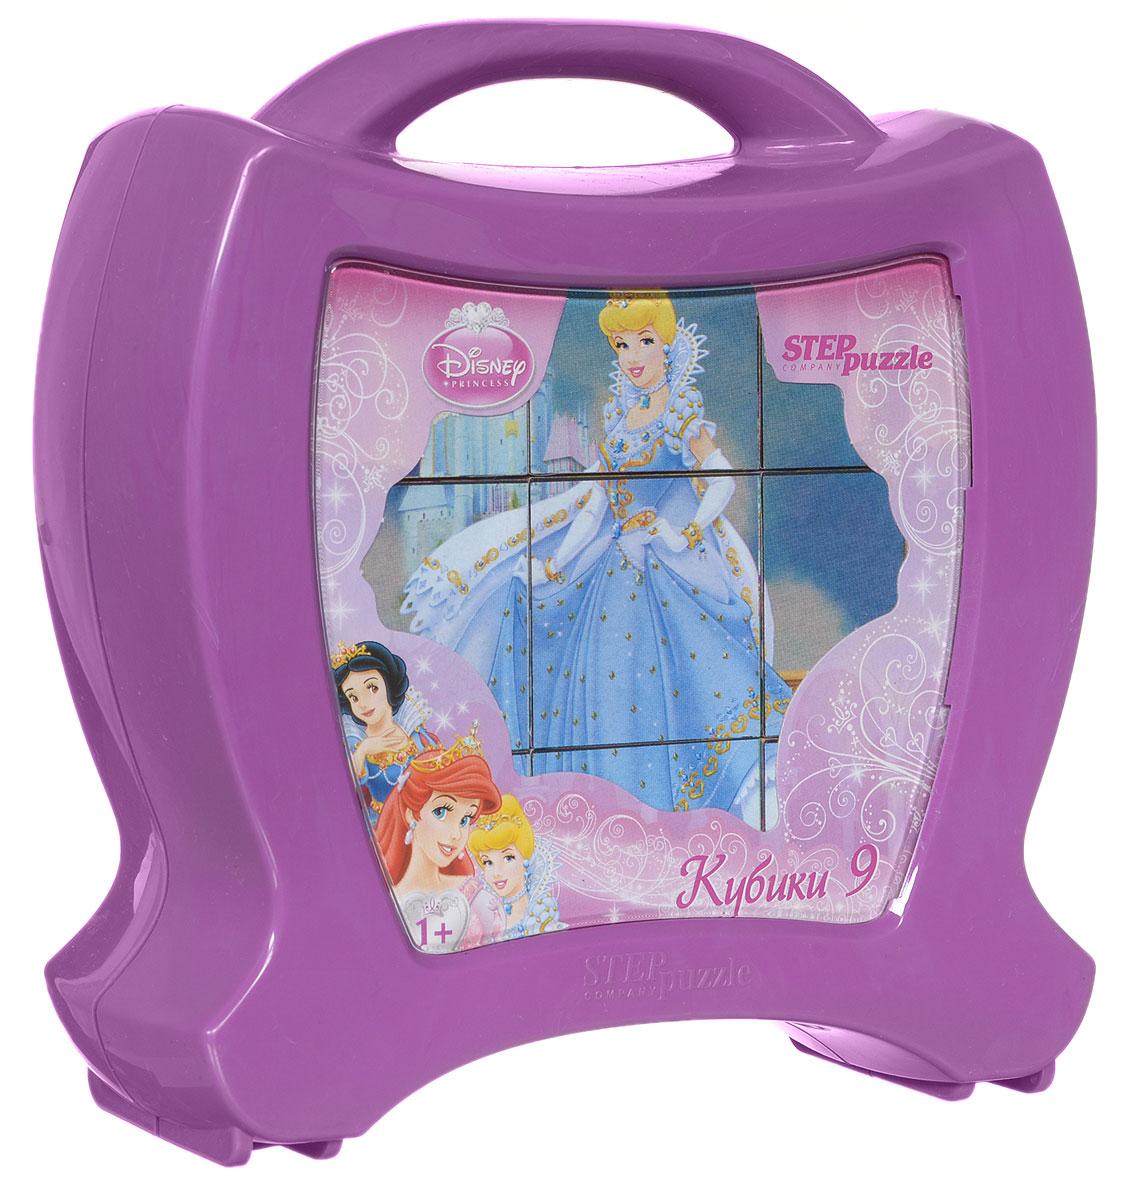 Step Puzzle Кубики Принцессы в чемоданчике87114С помощью кубиков Step Puzzle Принцессы ребенок сможет собрать целых шесть красочных картинок с любимыми принцессами Диснея. Игра с кубиками развивает зрительное восприятие, наблюдательность, мелкую моторику рук и произвольные движения. Ребенок научится складывать целостный образ из частей, определять недостающие детали изображения. Это прекрасный комплект для развлечения и времяпрепровождения с пользой для малышки.